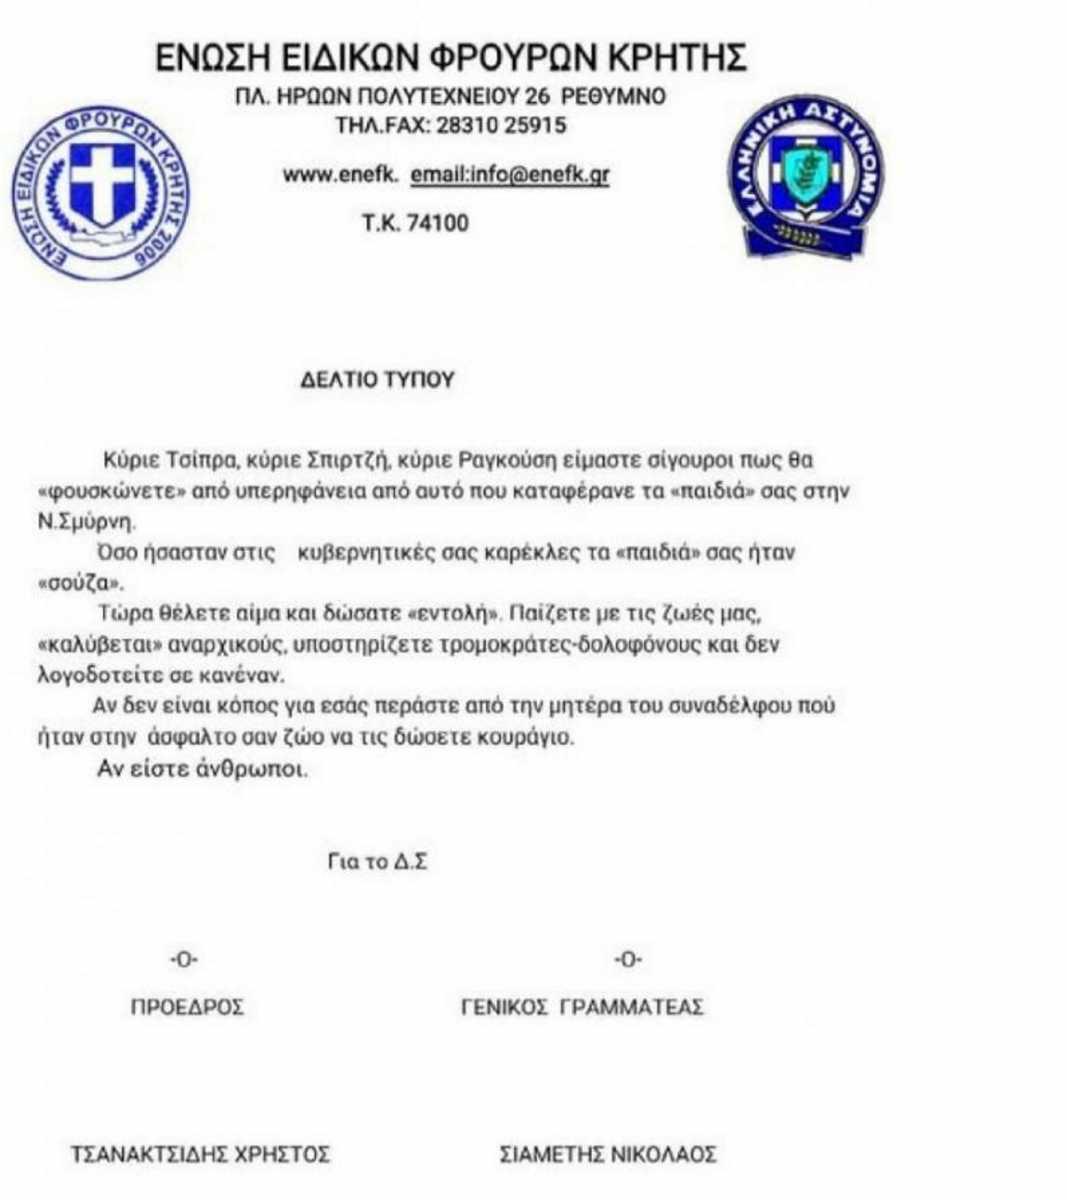 Ένωση Ειδικών Φρουρών Κρήτης